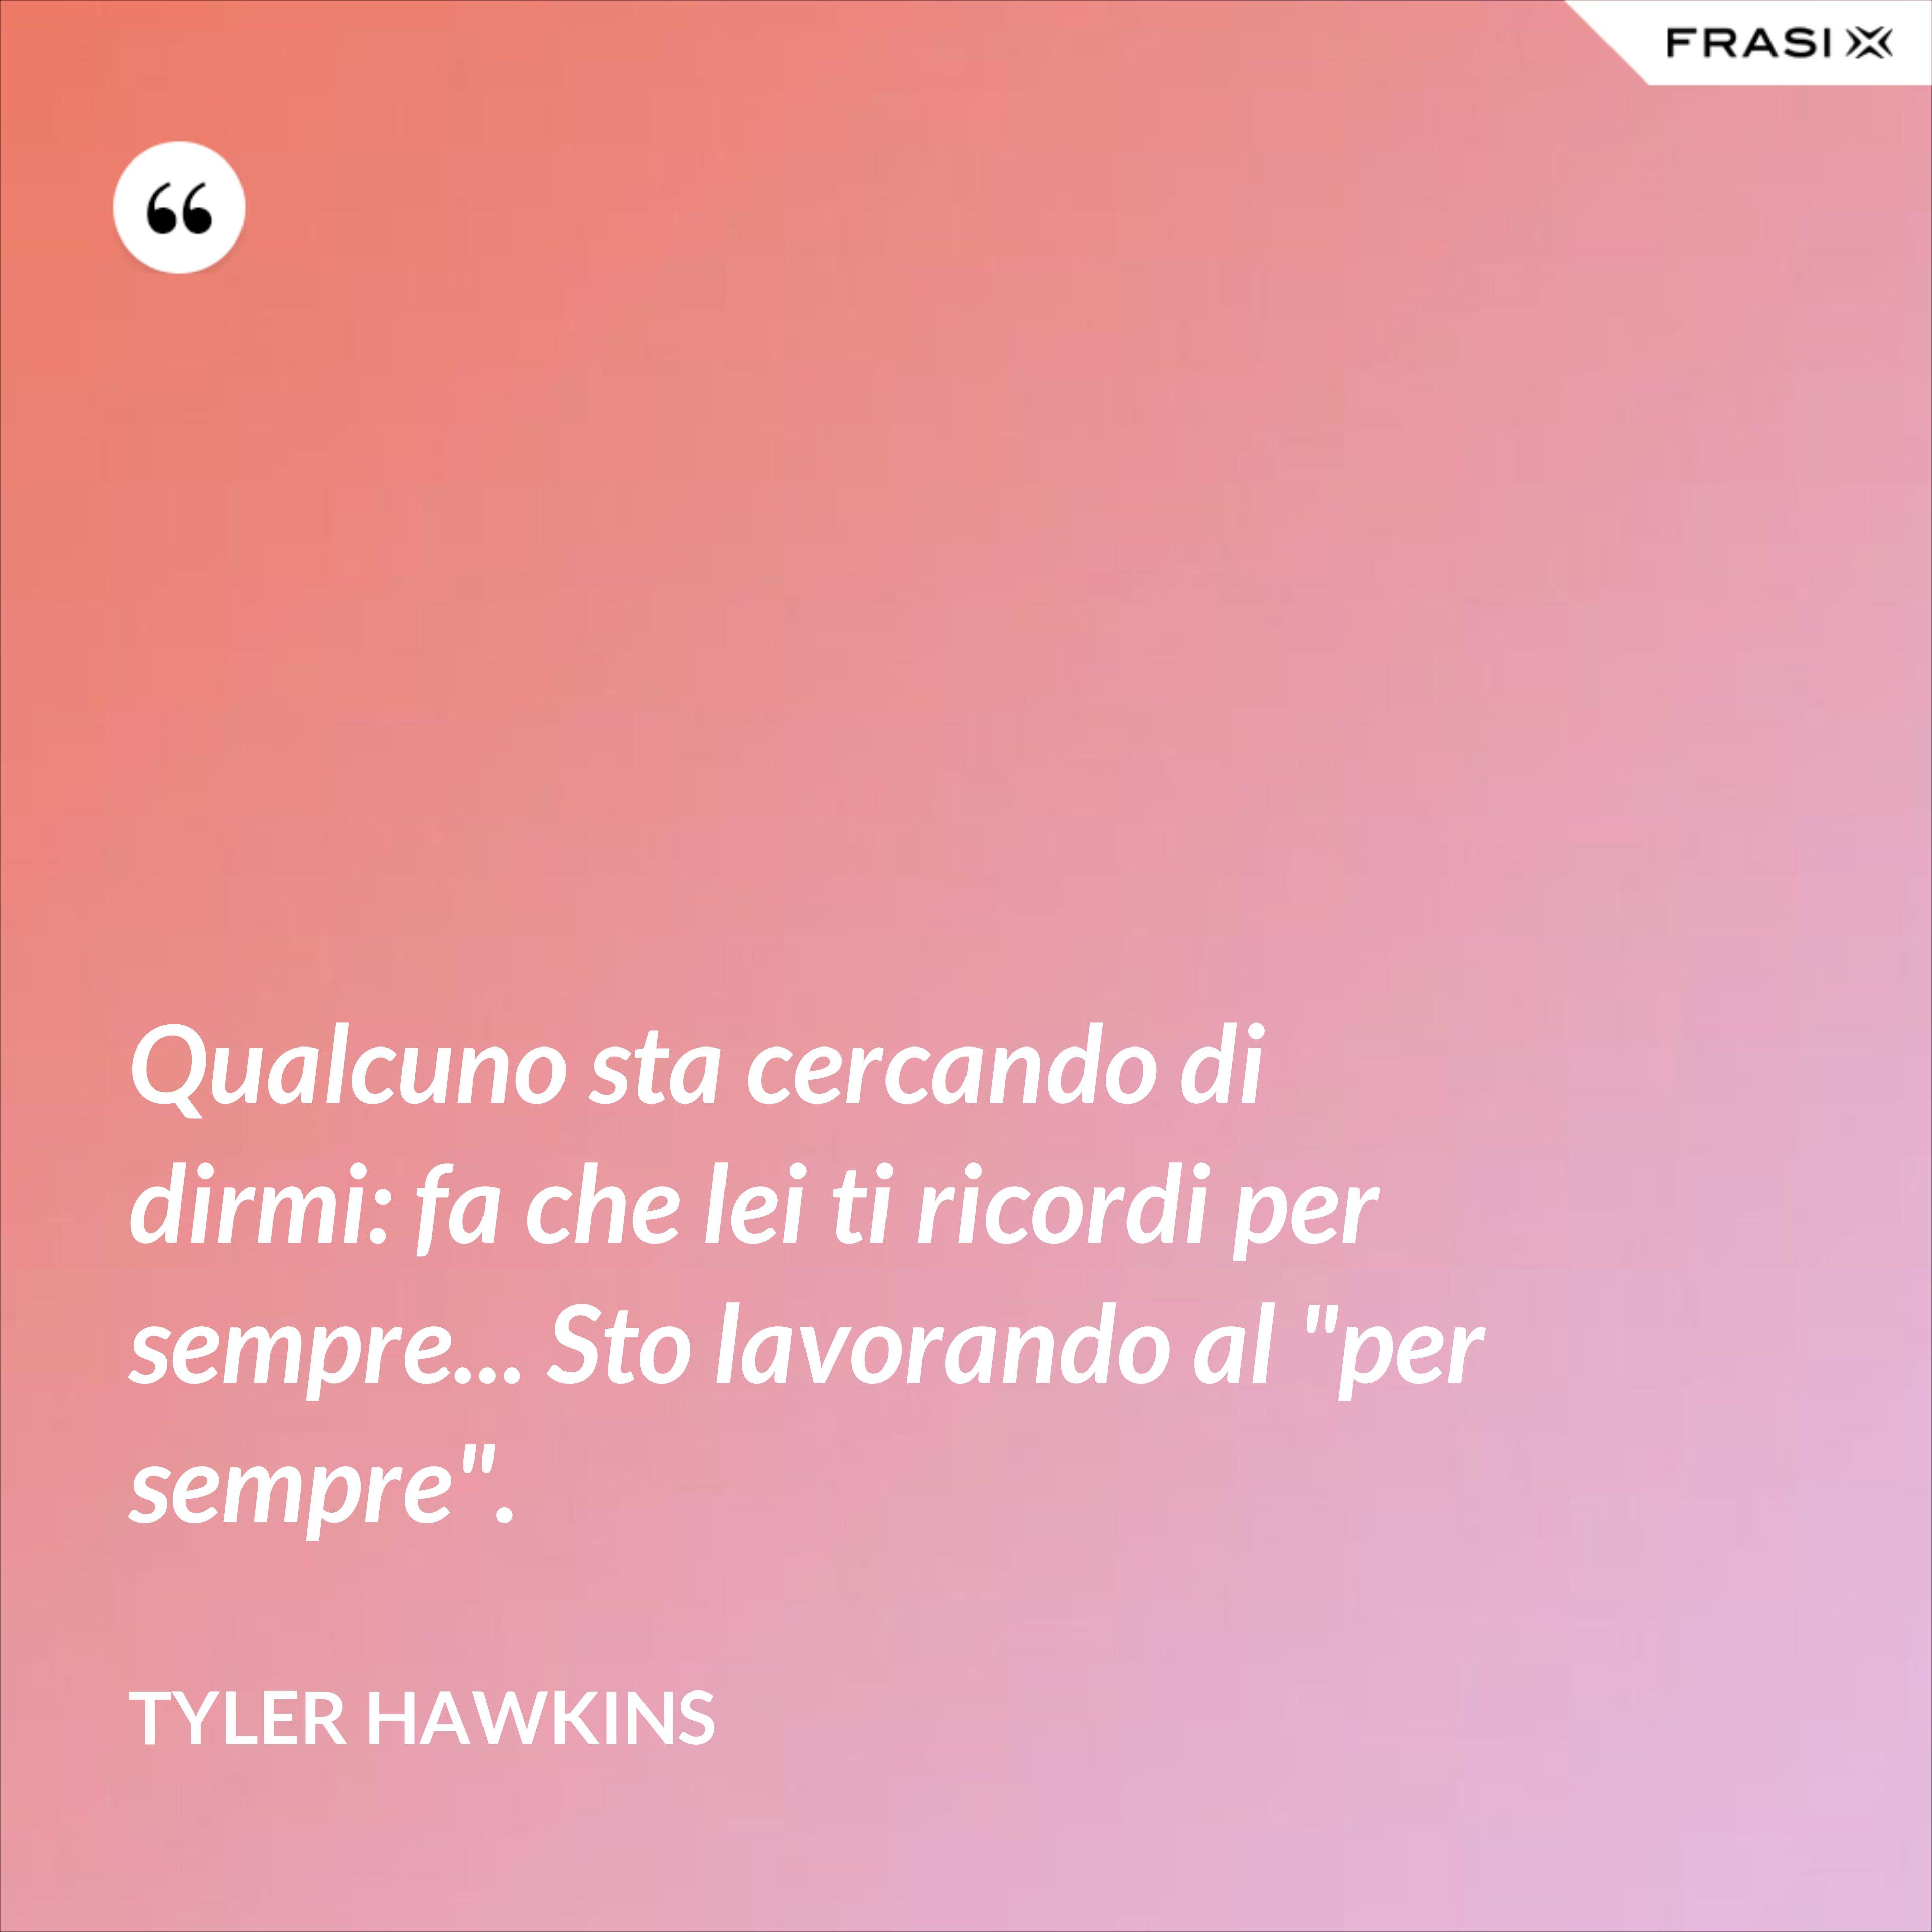 """Qualcuno sta cercando di dirmi: fa che lei ti ricordi per sempre... Sto lavorando al """"per sempre"""". - Tyler Hawkins"""